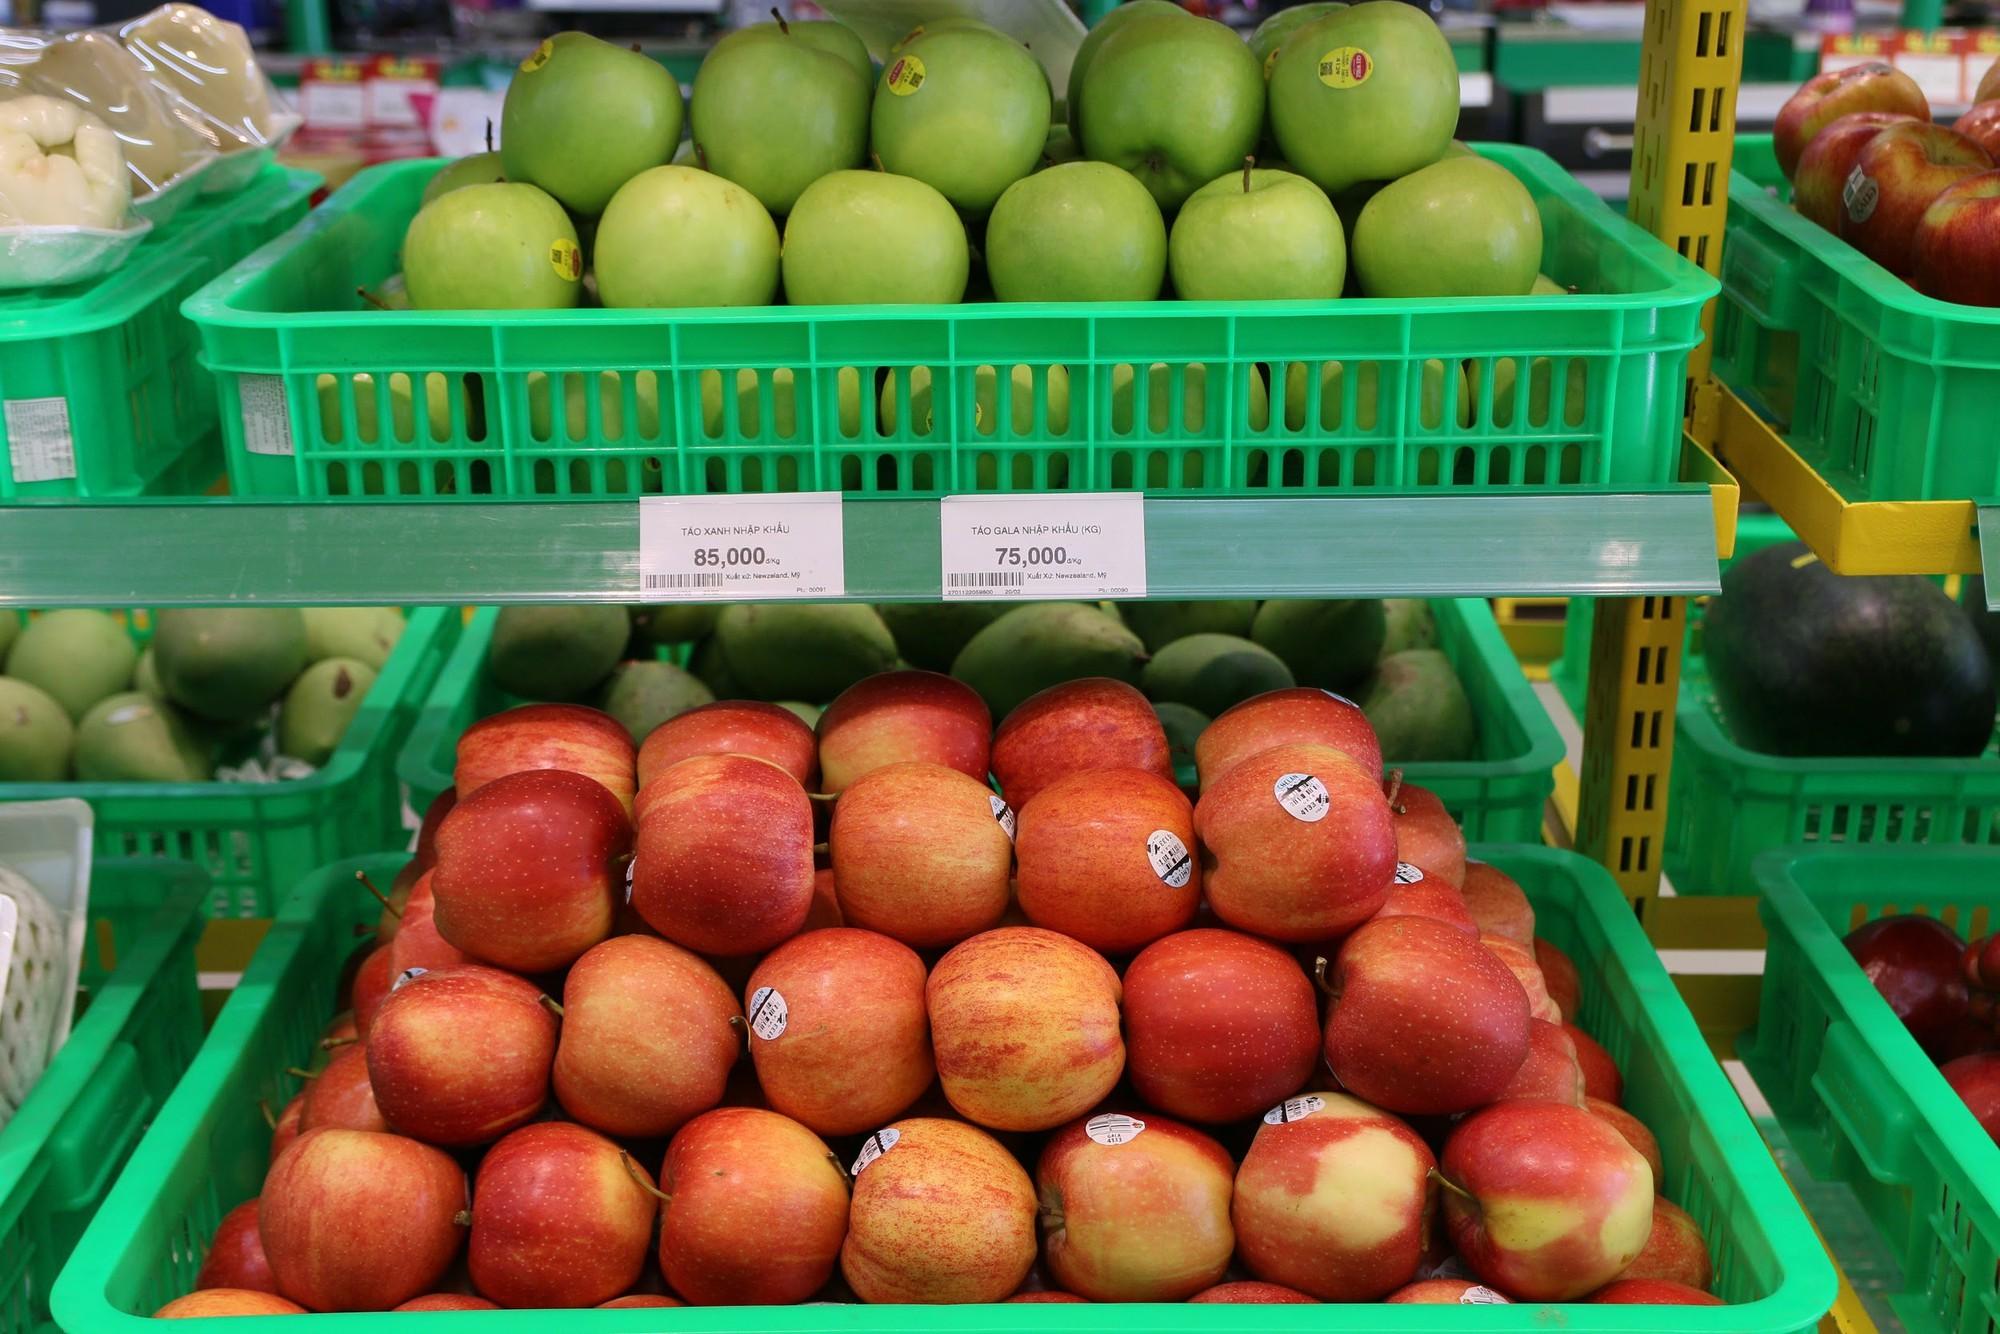 Trái cây nhập khẩu vẫn chiếm được lòng người tiêu dùng Việt - Ảnh 2.